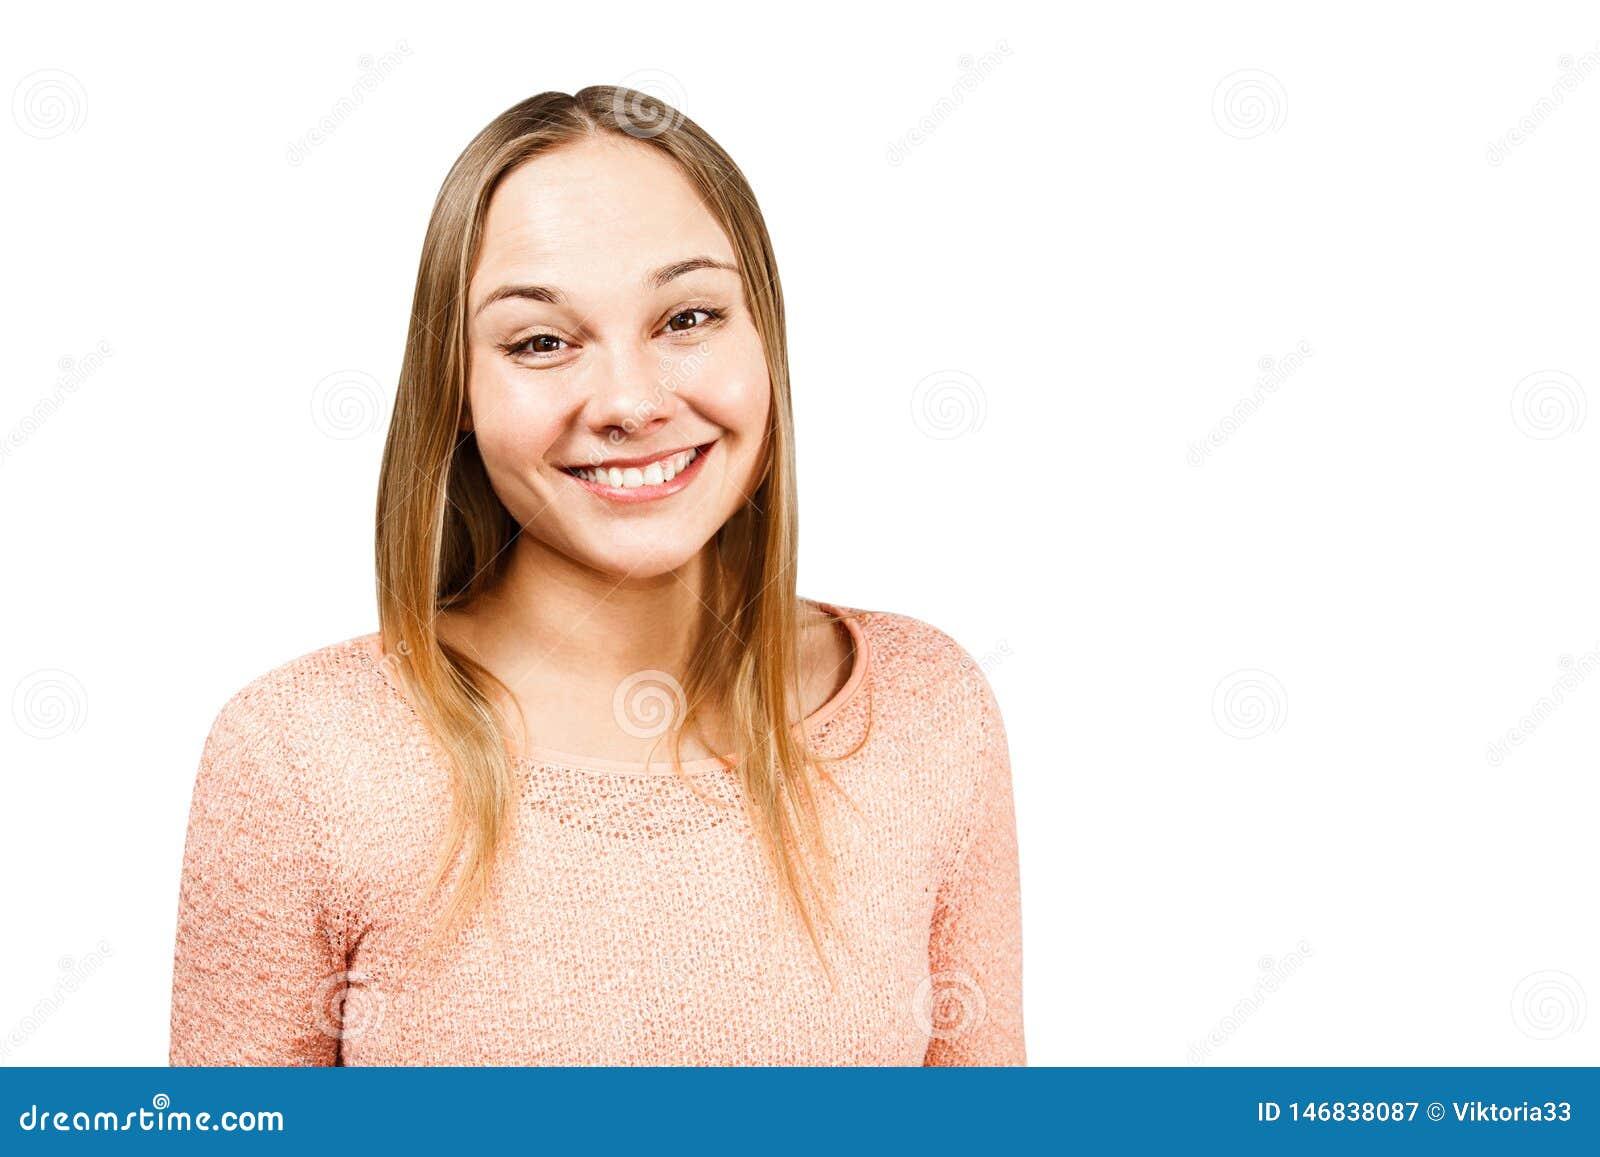 Sluit portret van mooie glimlachende jonge vrouw in een beige die overhemd, op een witte achtergrond omhoog wordt ge?soleerd whth